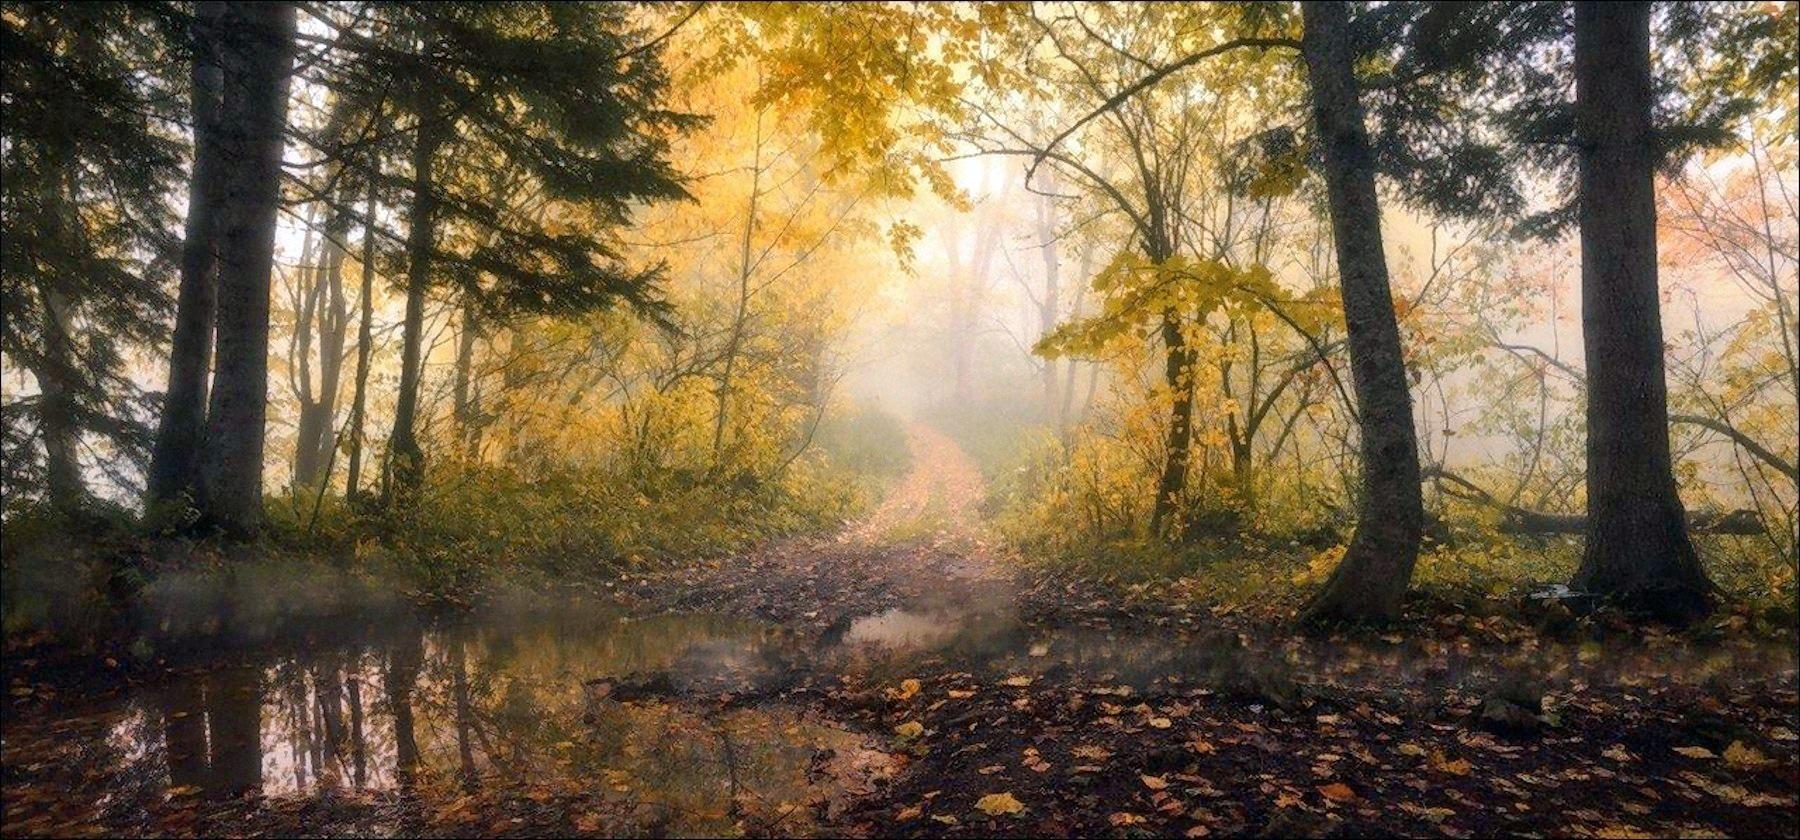 00 Vlad Sokolovsky. Autumn forest. Adygea, Russia. 2015